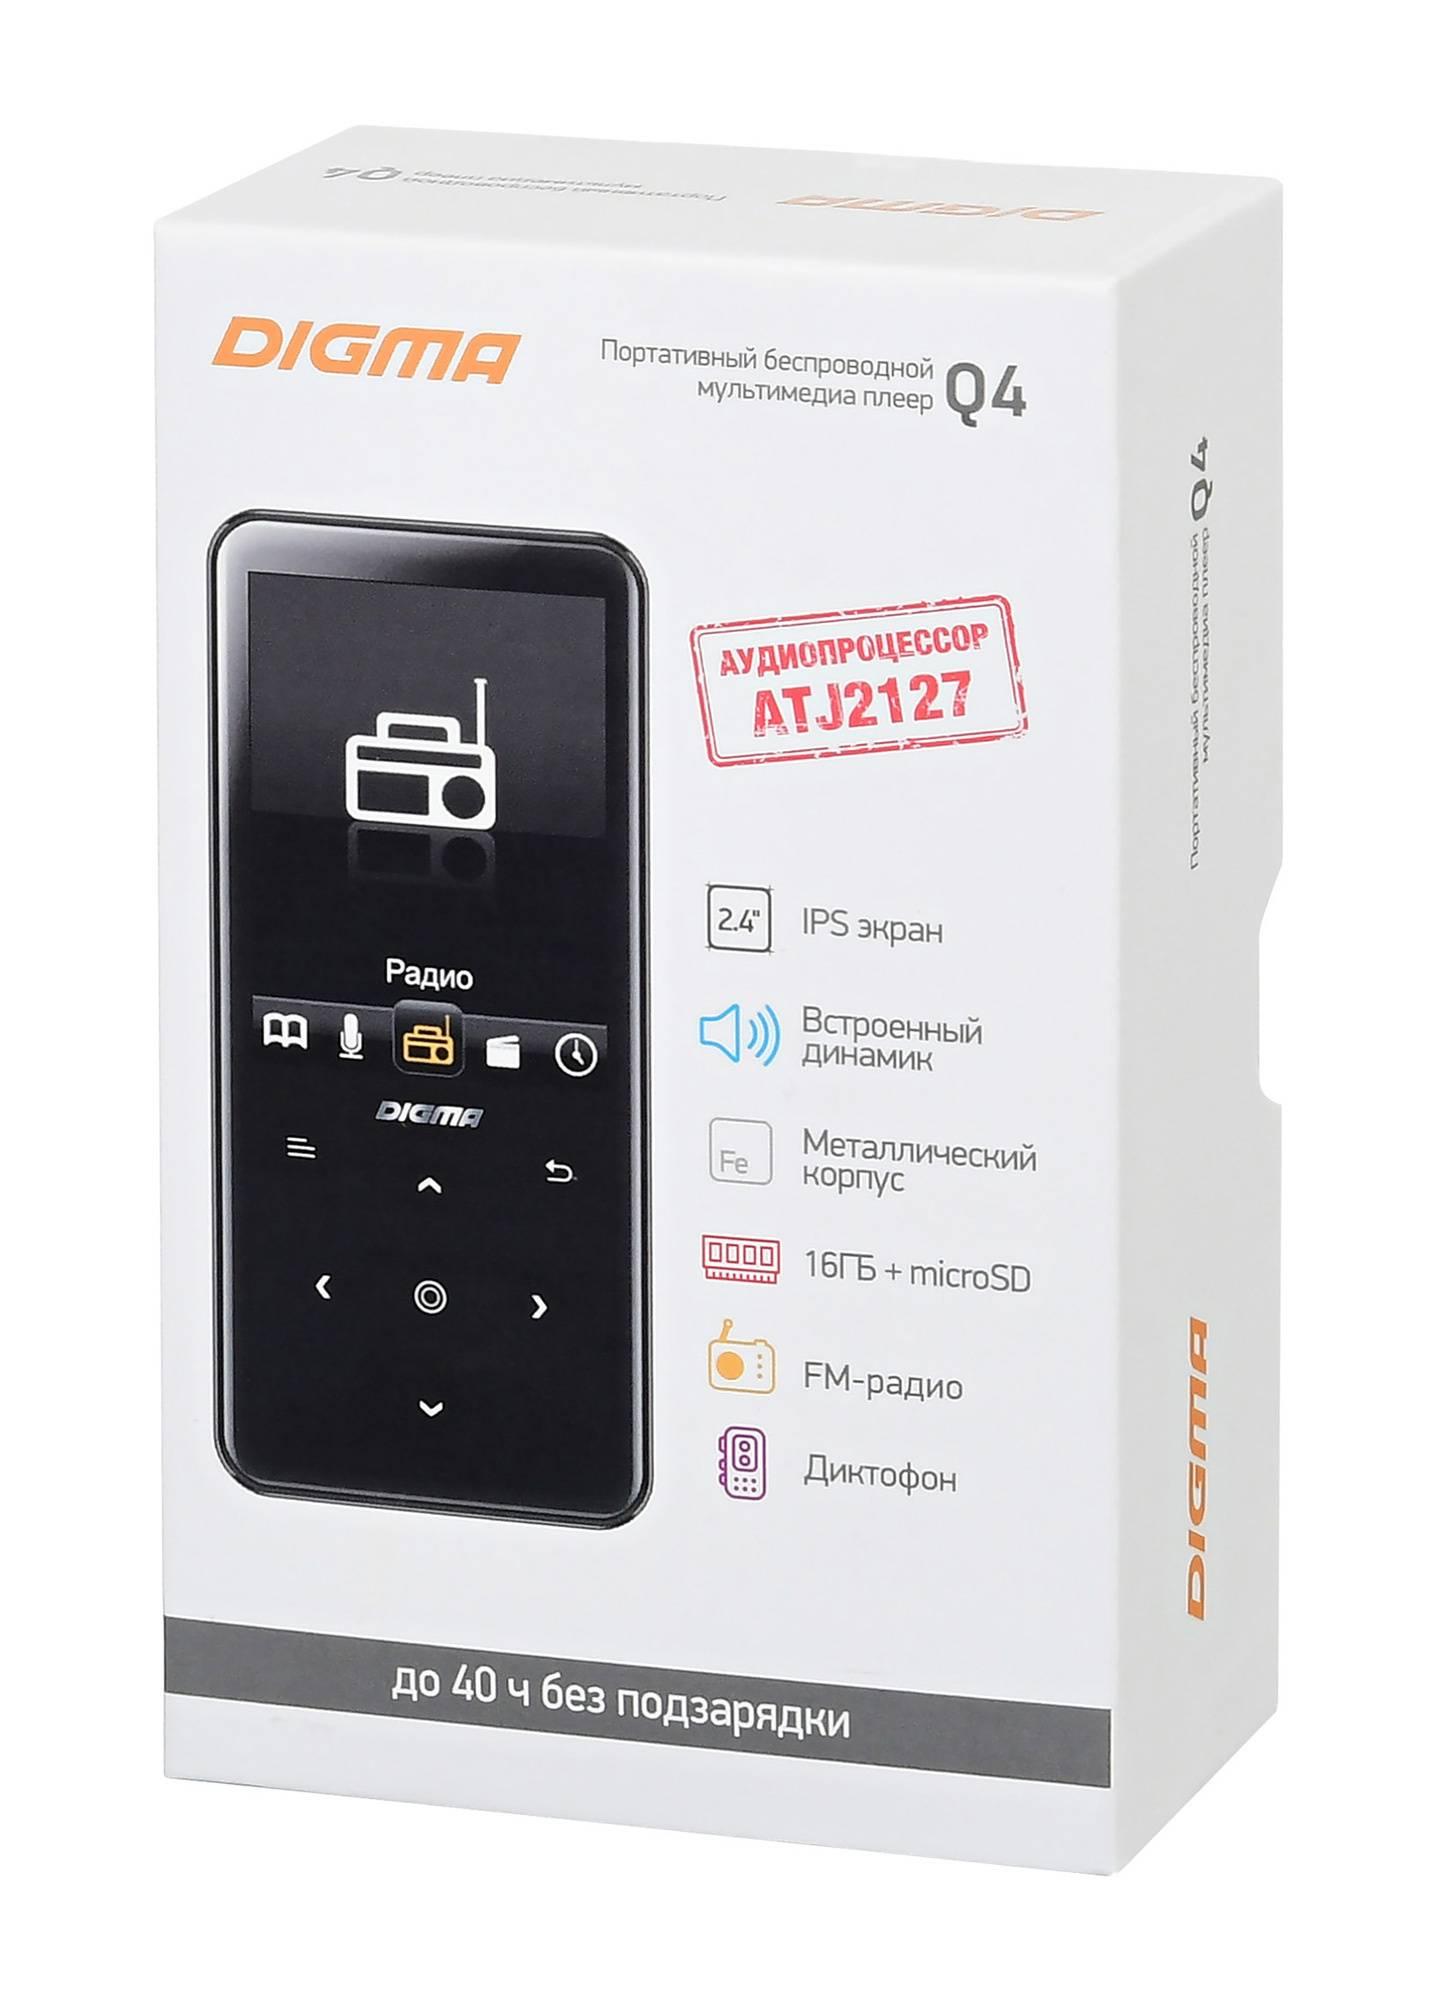 Digma Q4 — новый плеер с сенсорным управлением